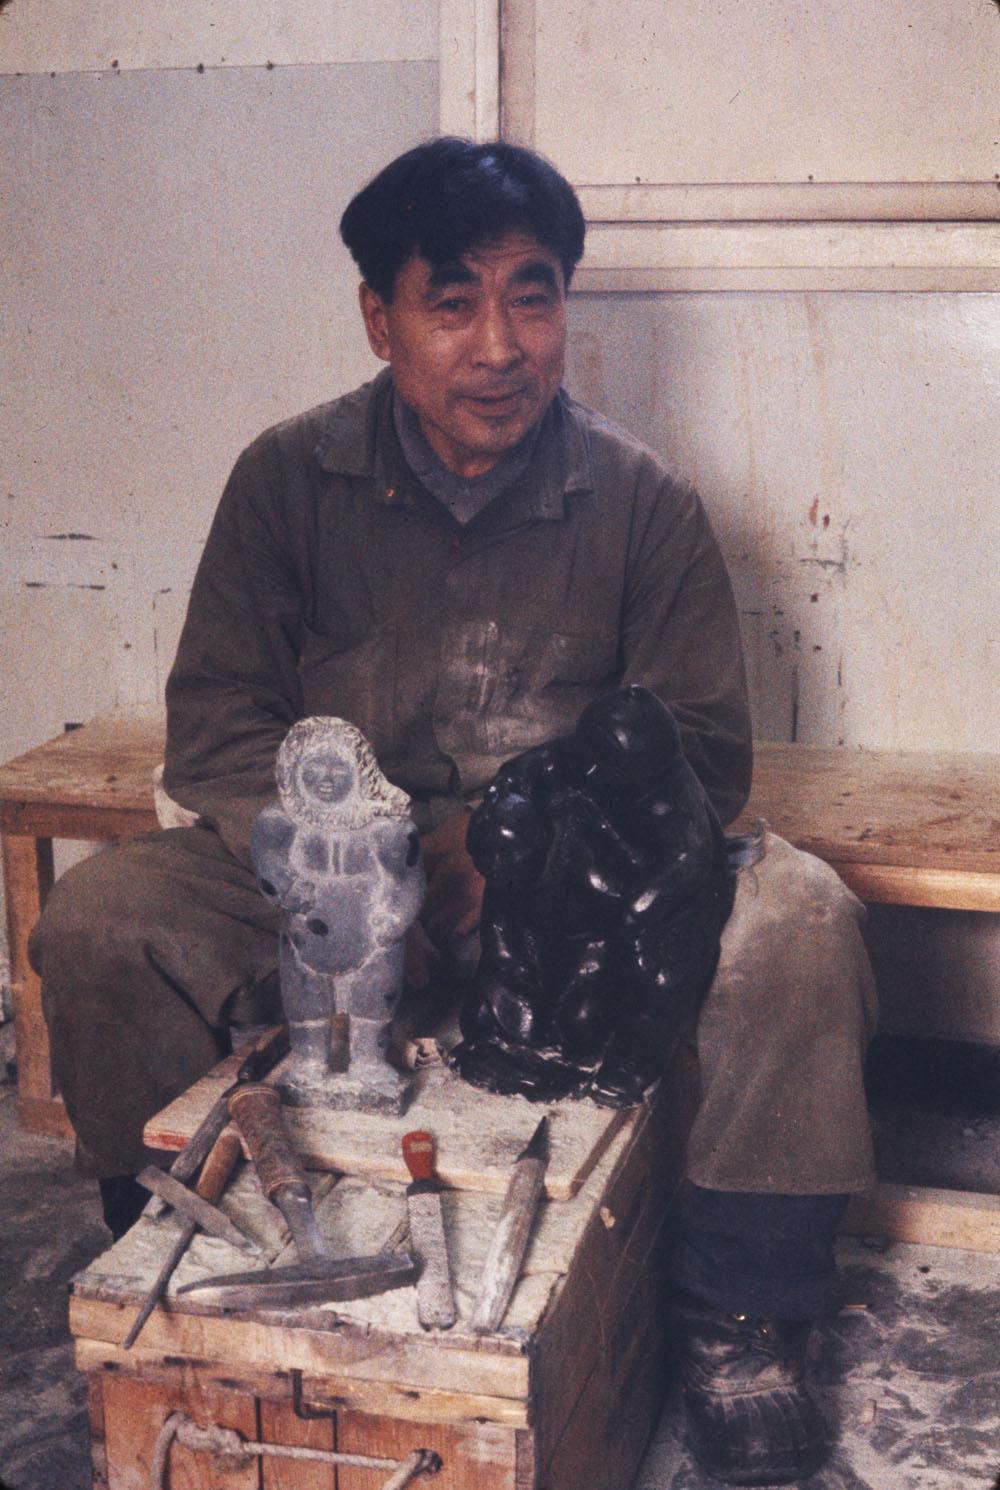 Photographie couleur montrant un homme inuit assis derrière une sculpture de pierre et des outils.